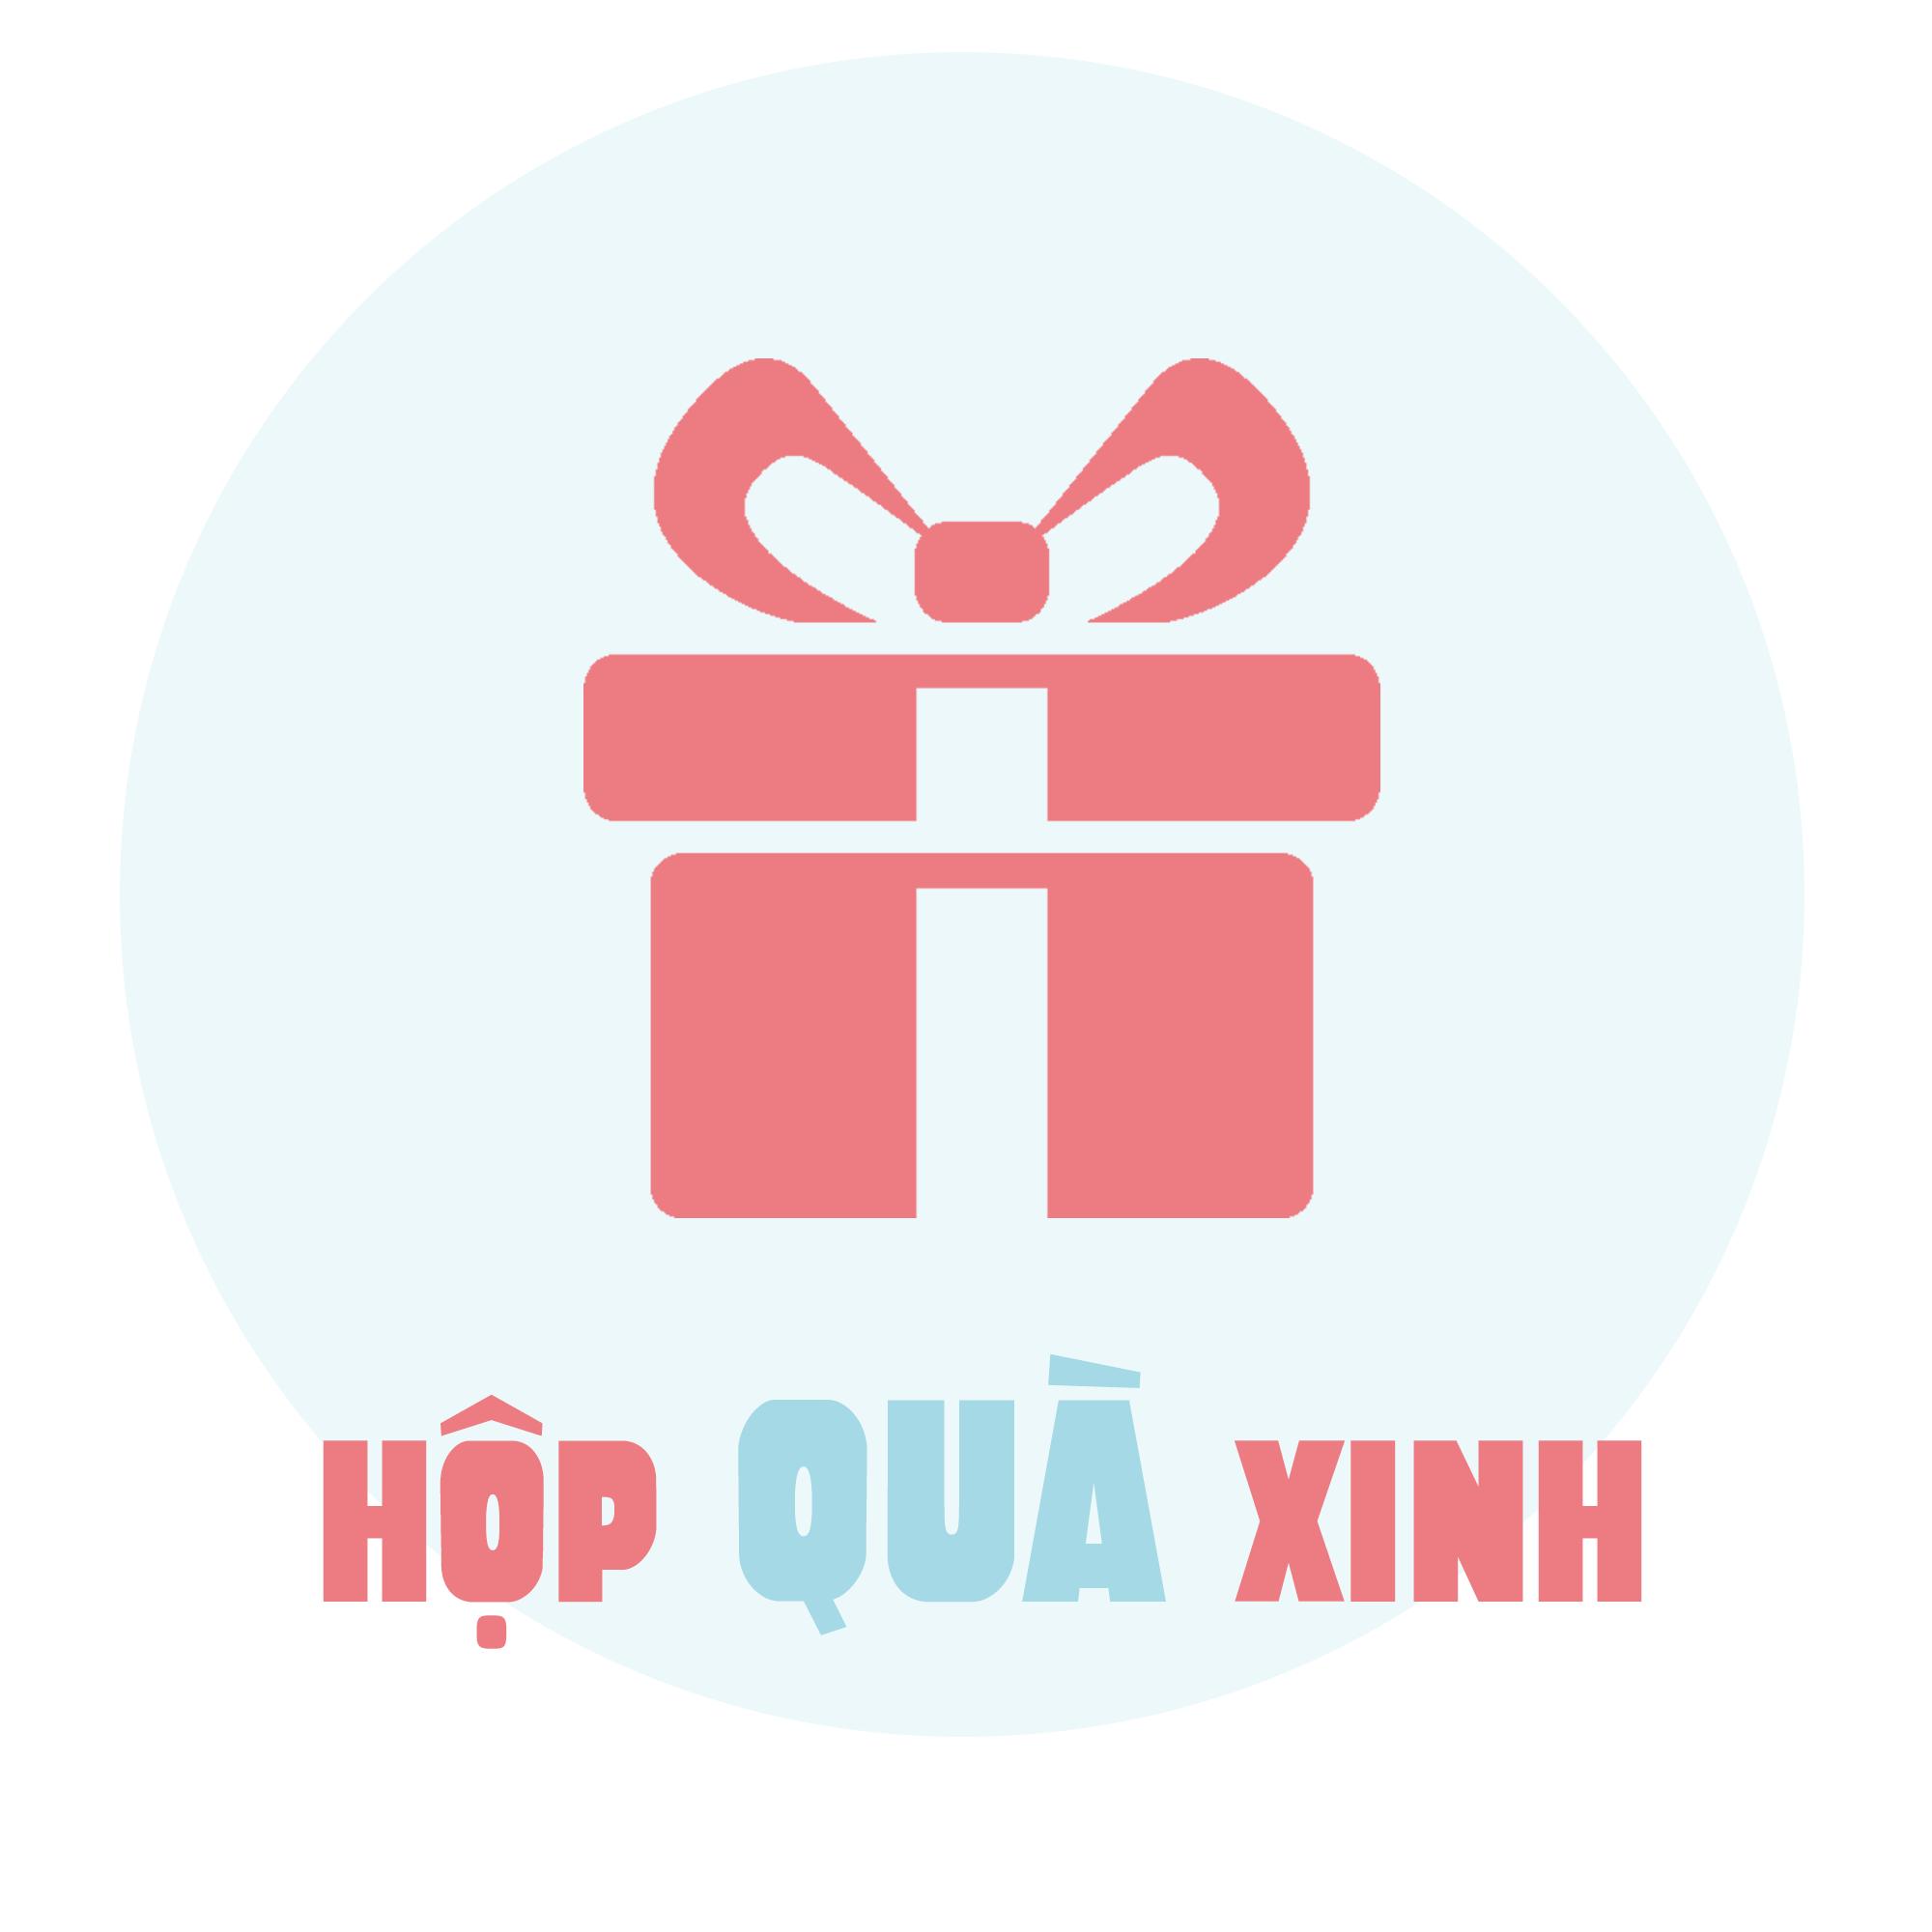 Hộp Quà Xinh - Aftertaste.Box - Gifts & Decor